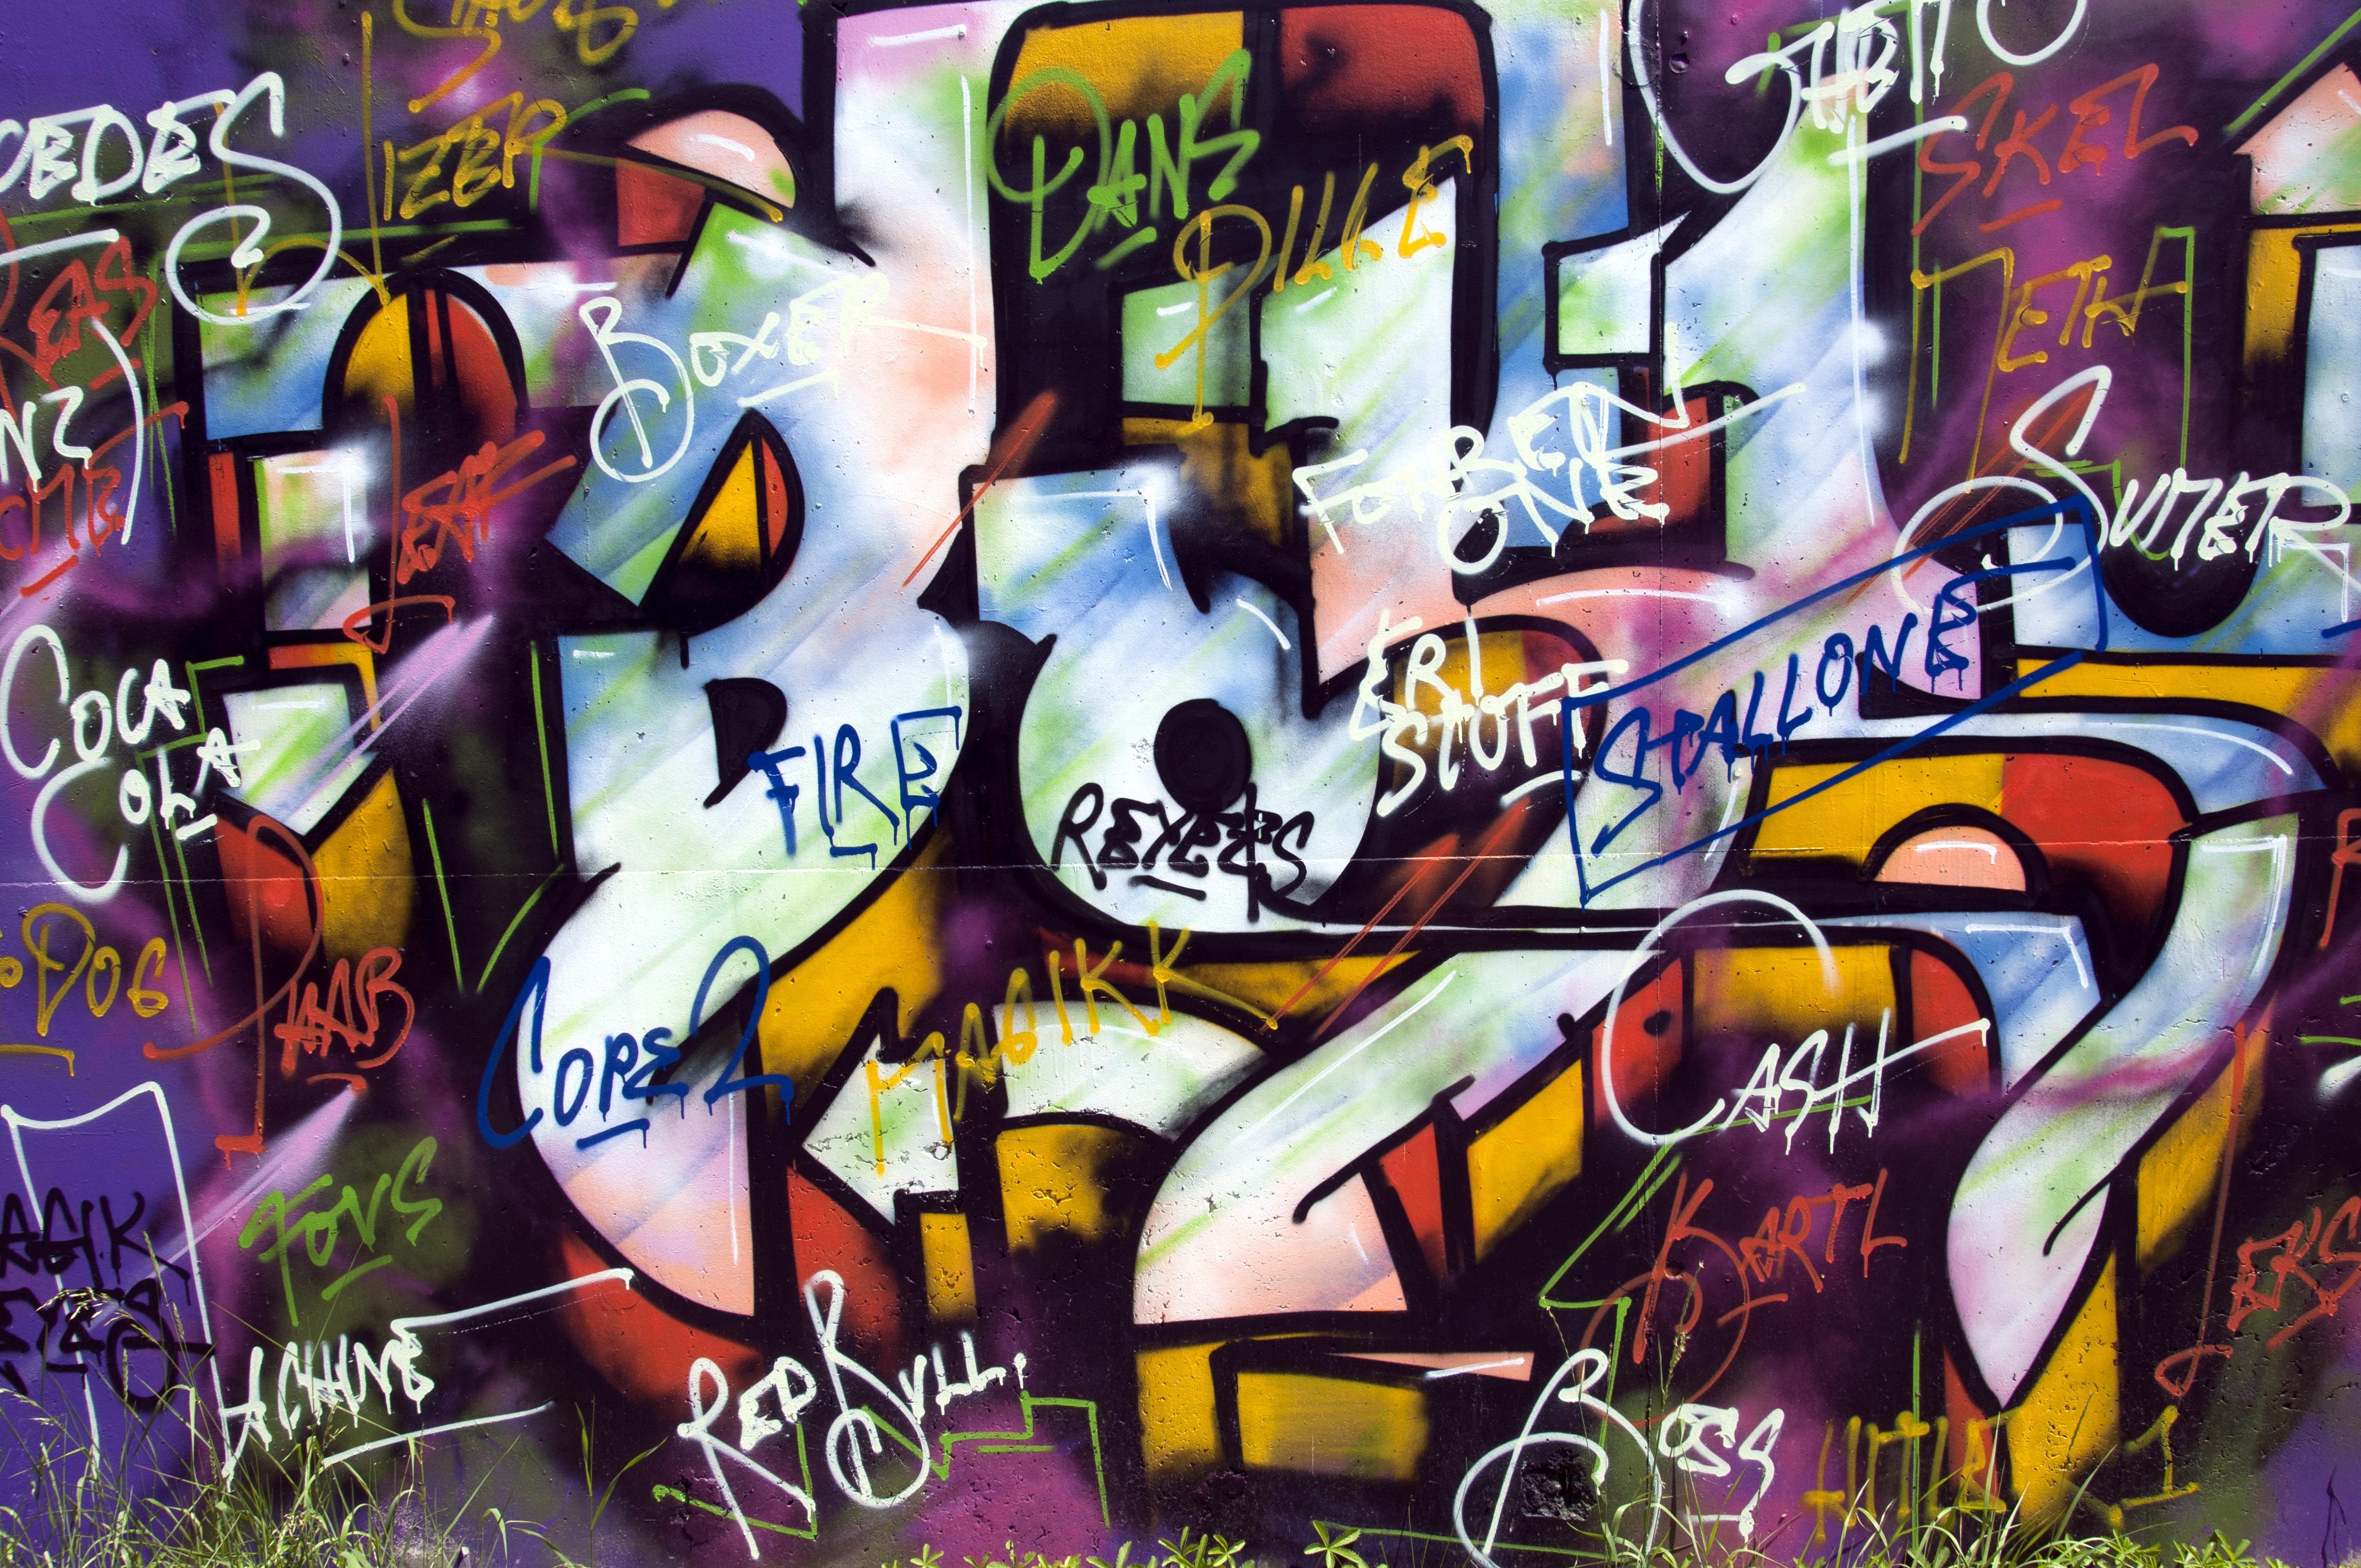 graffiti art creativity painted wall comic book